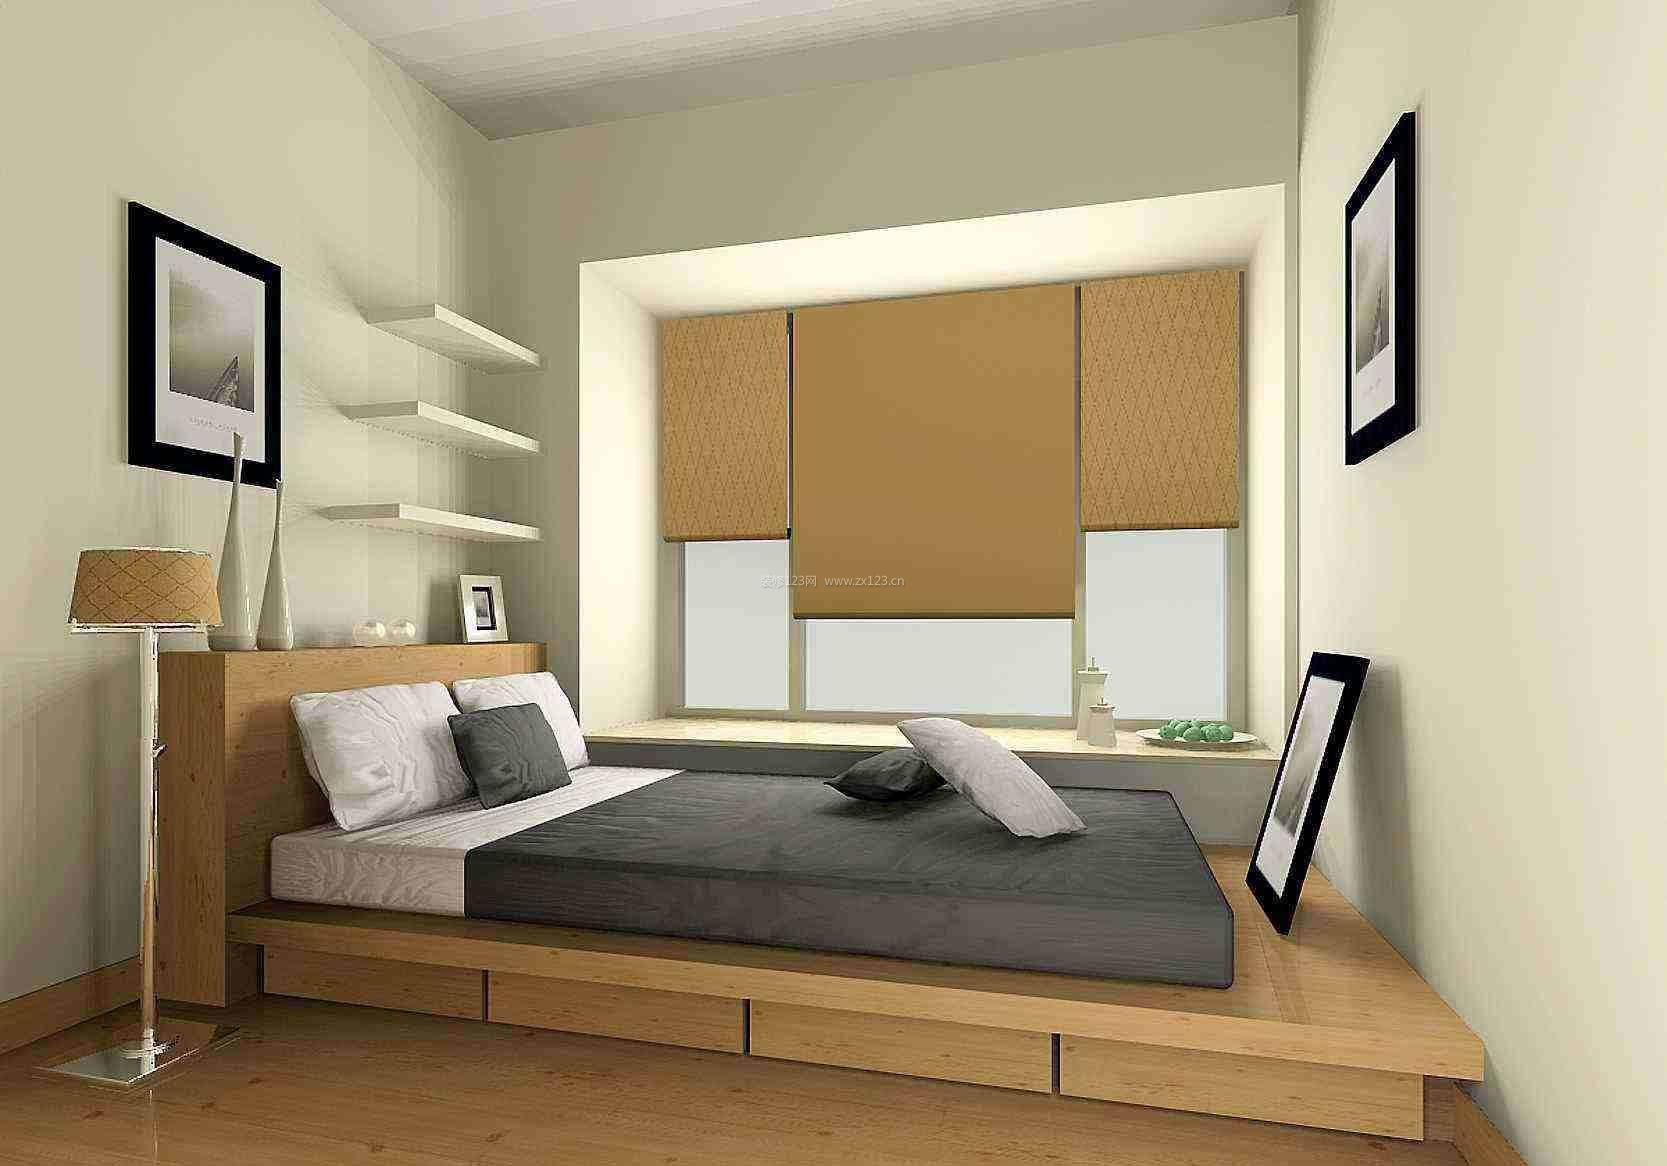 榻榻米卧室效果图-简单装修没有设计,但是想找装修公司,请问一定